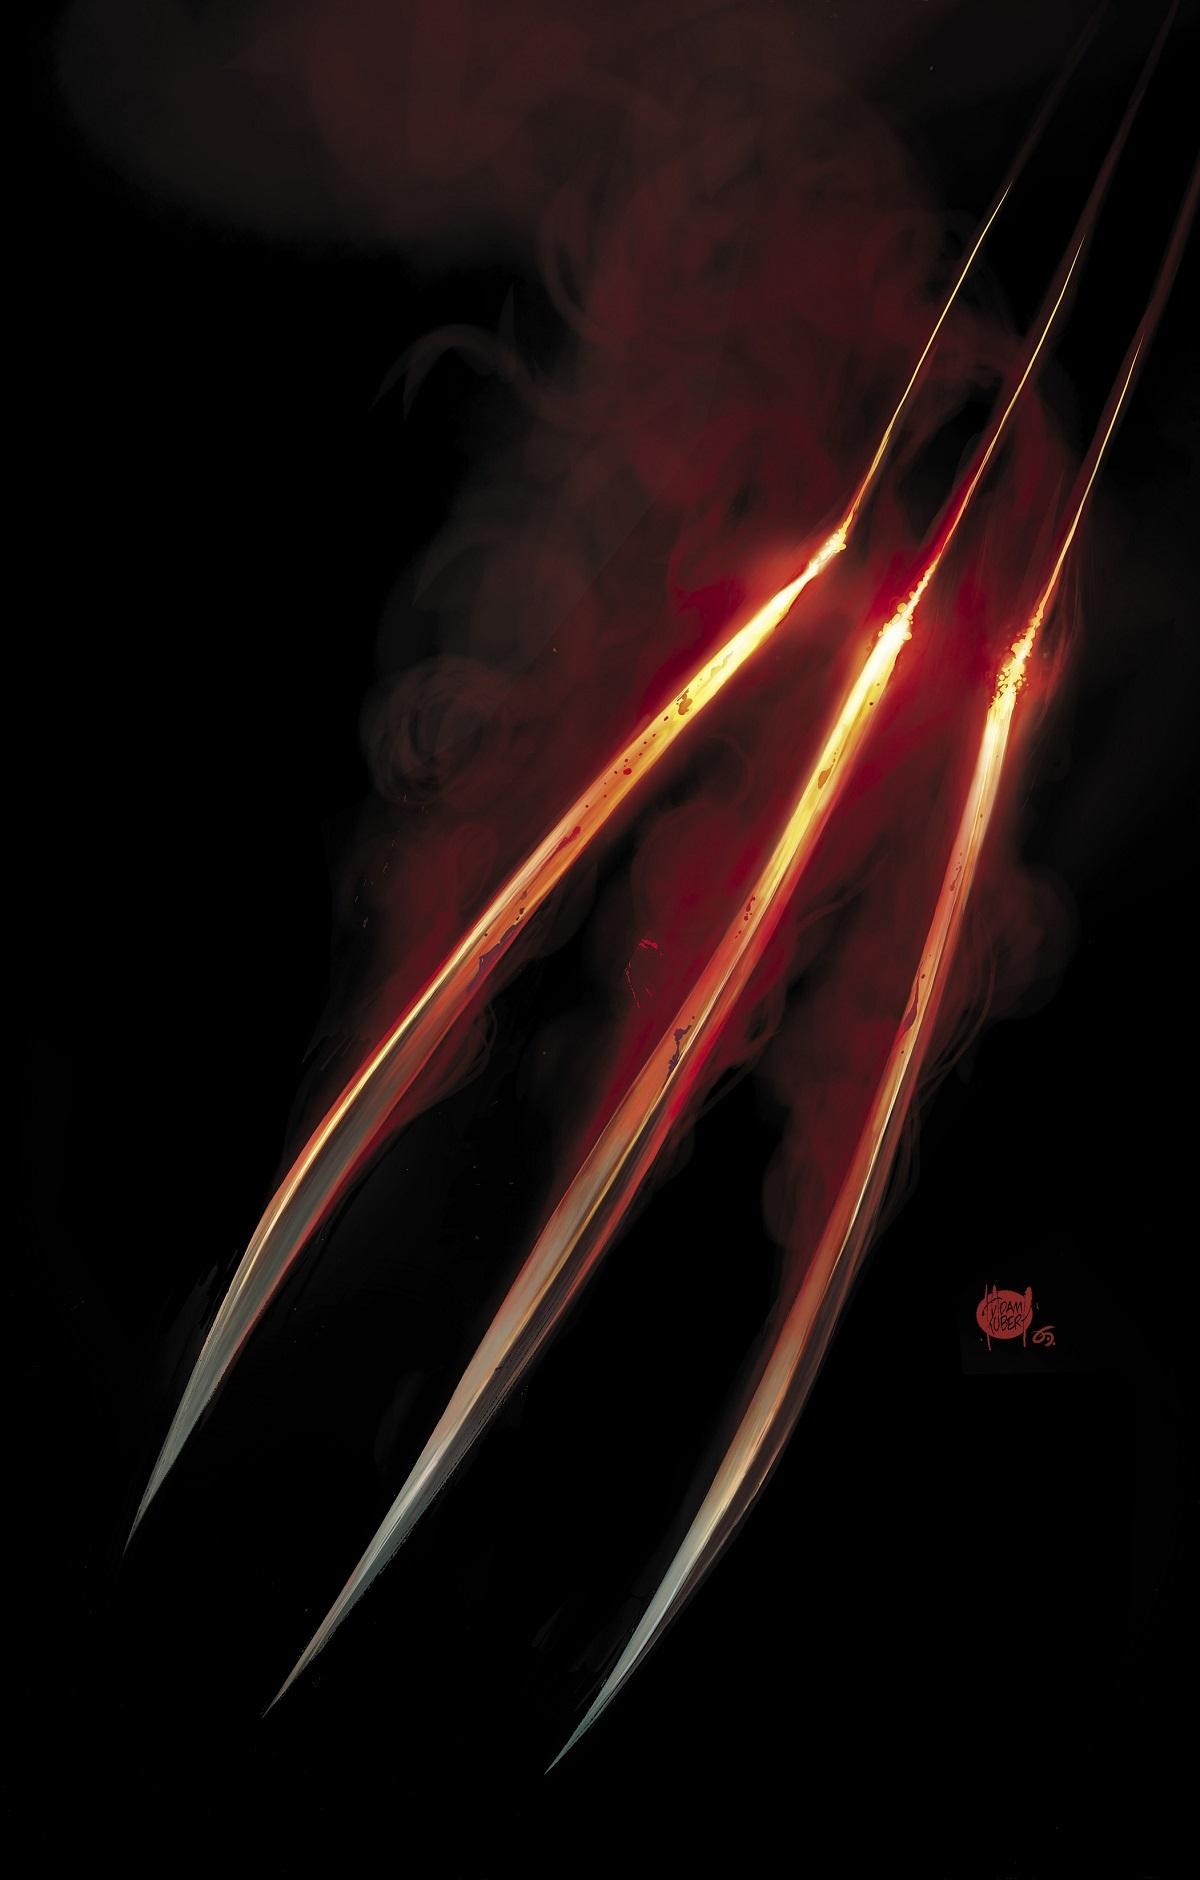 Return of Wolverine art by Adam Kubert